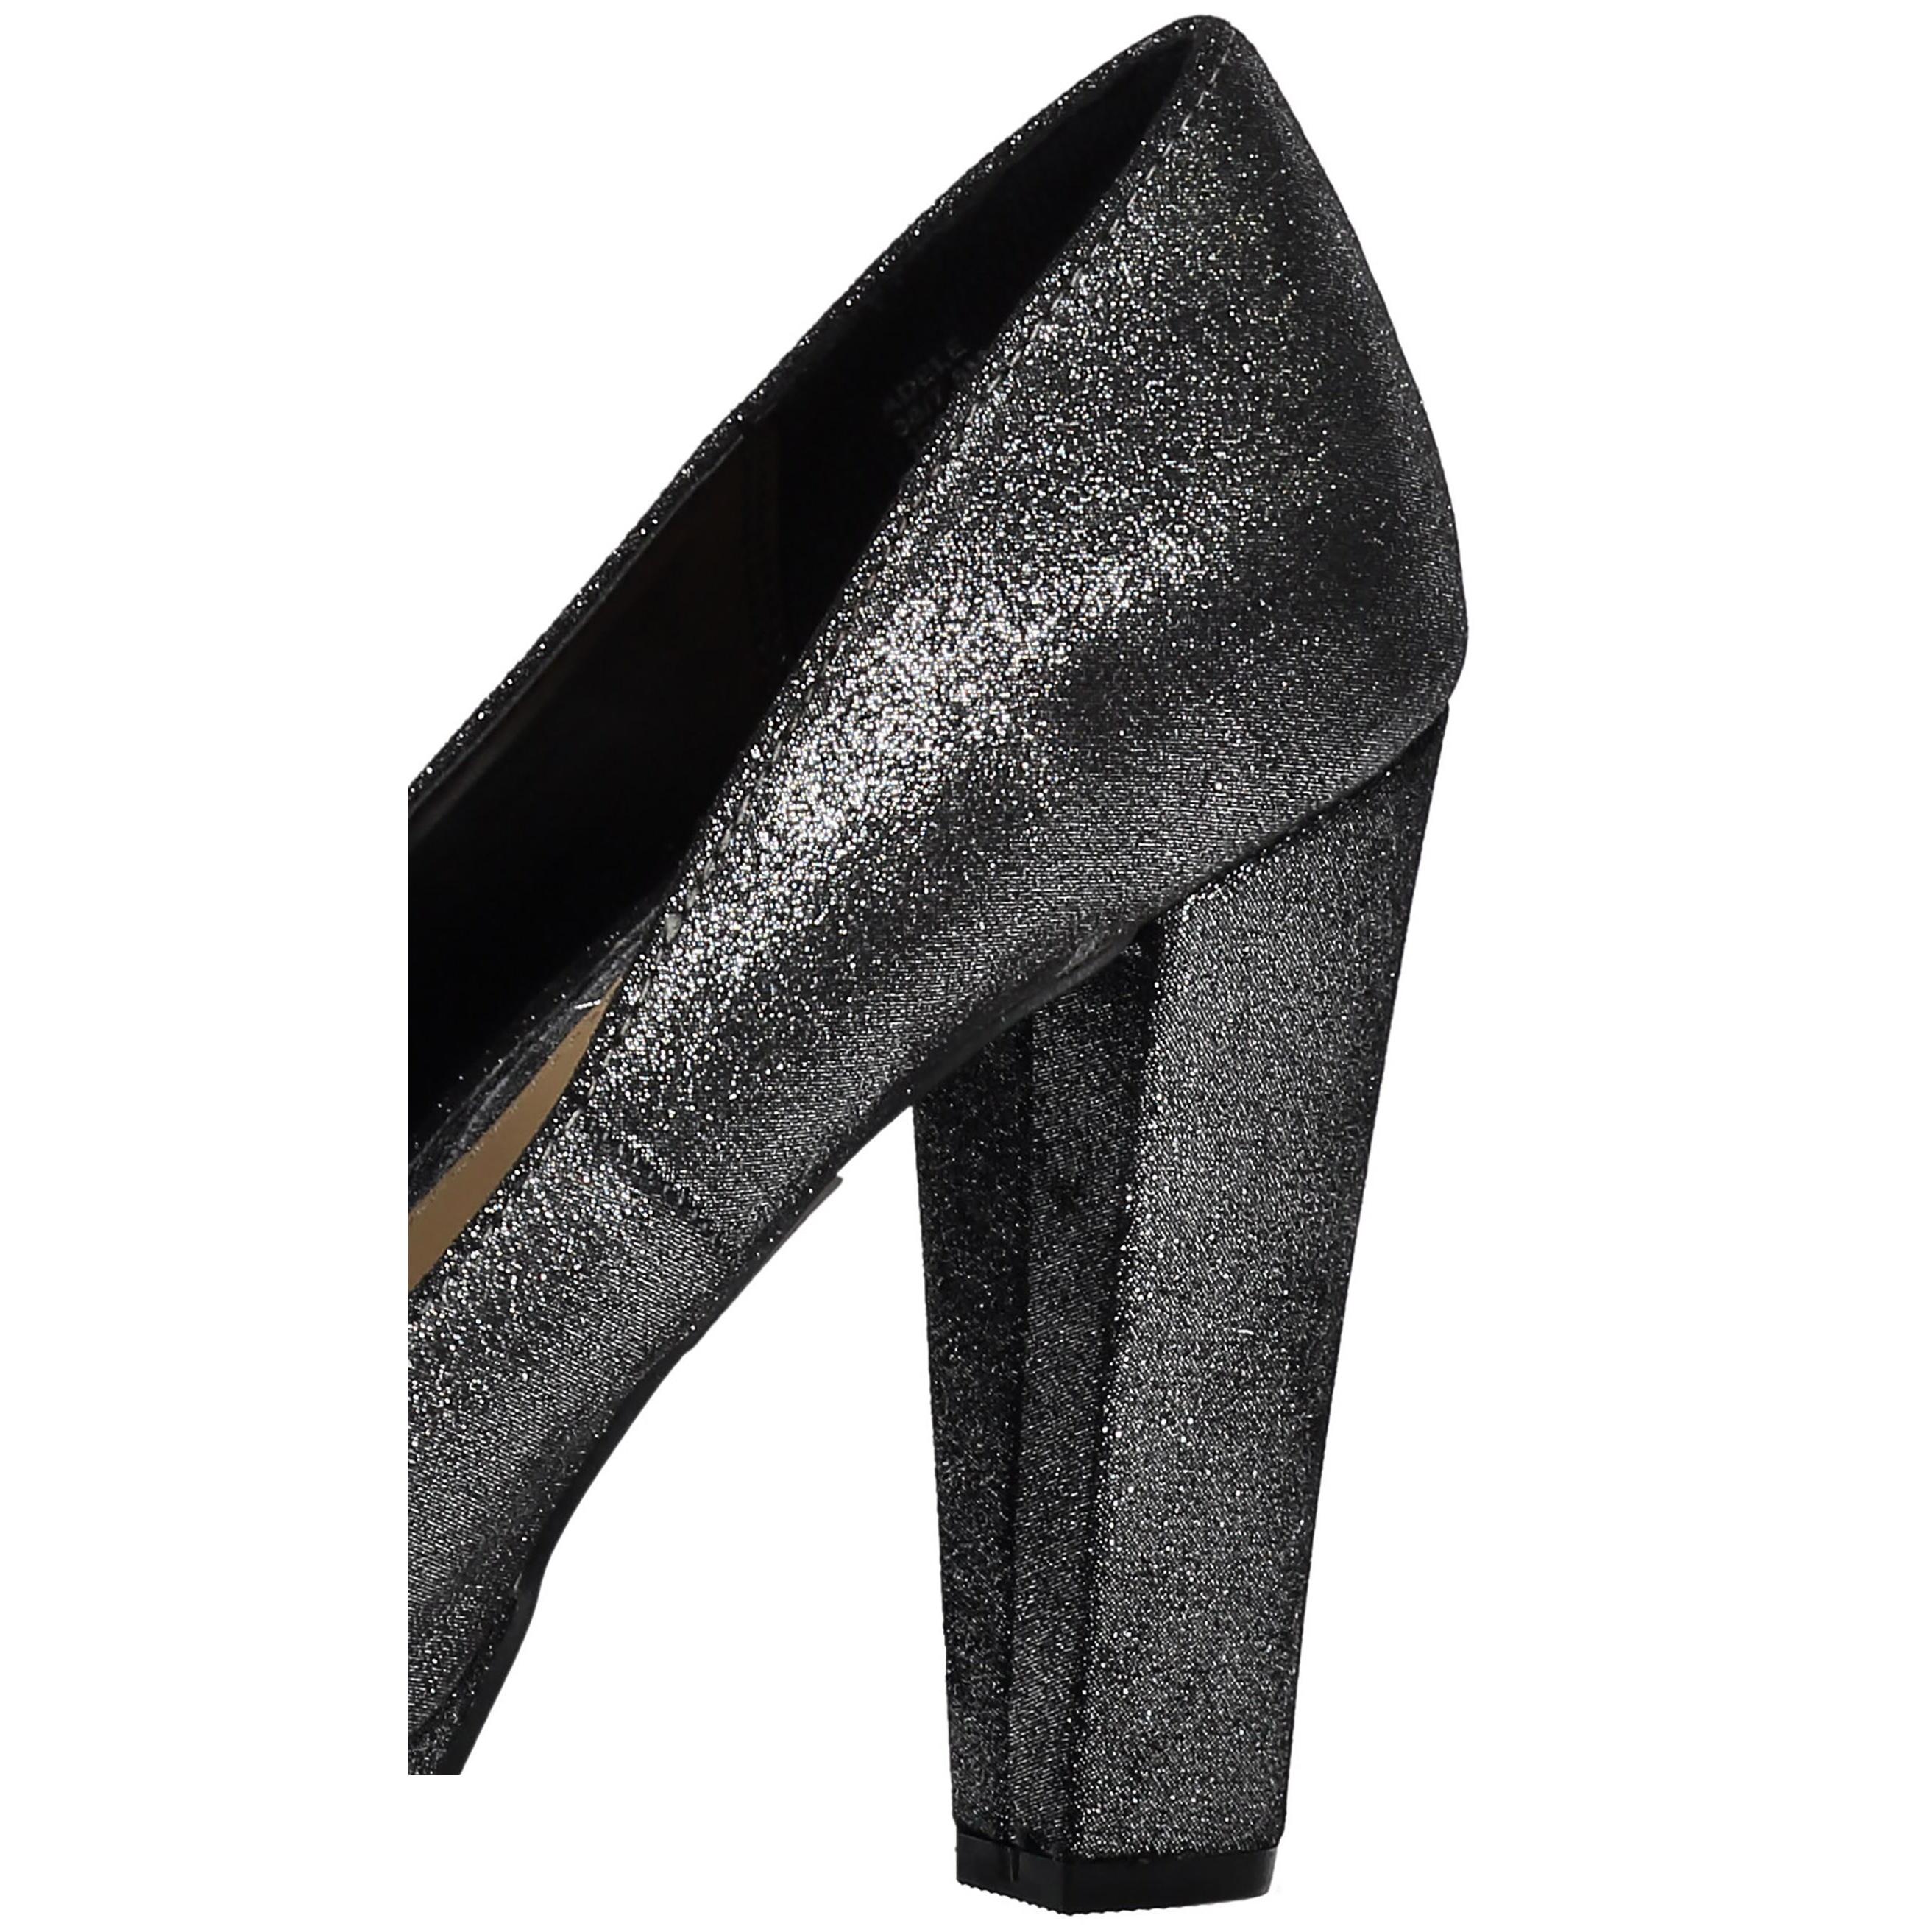 کفش پاشنه بلند زنانه - هد اور هیلز بای دون لندن main 1 6